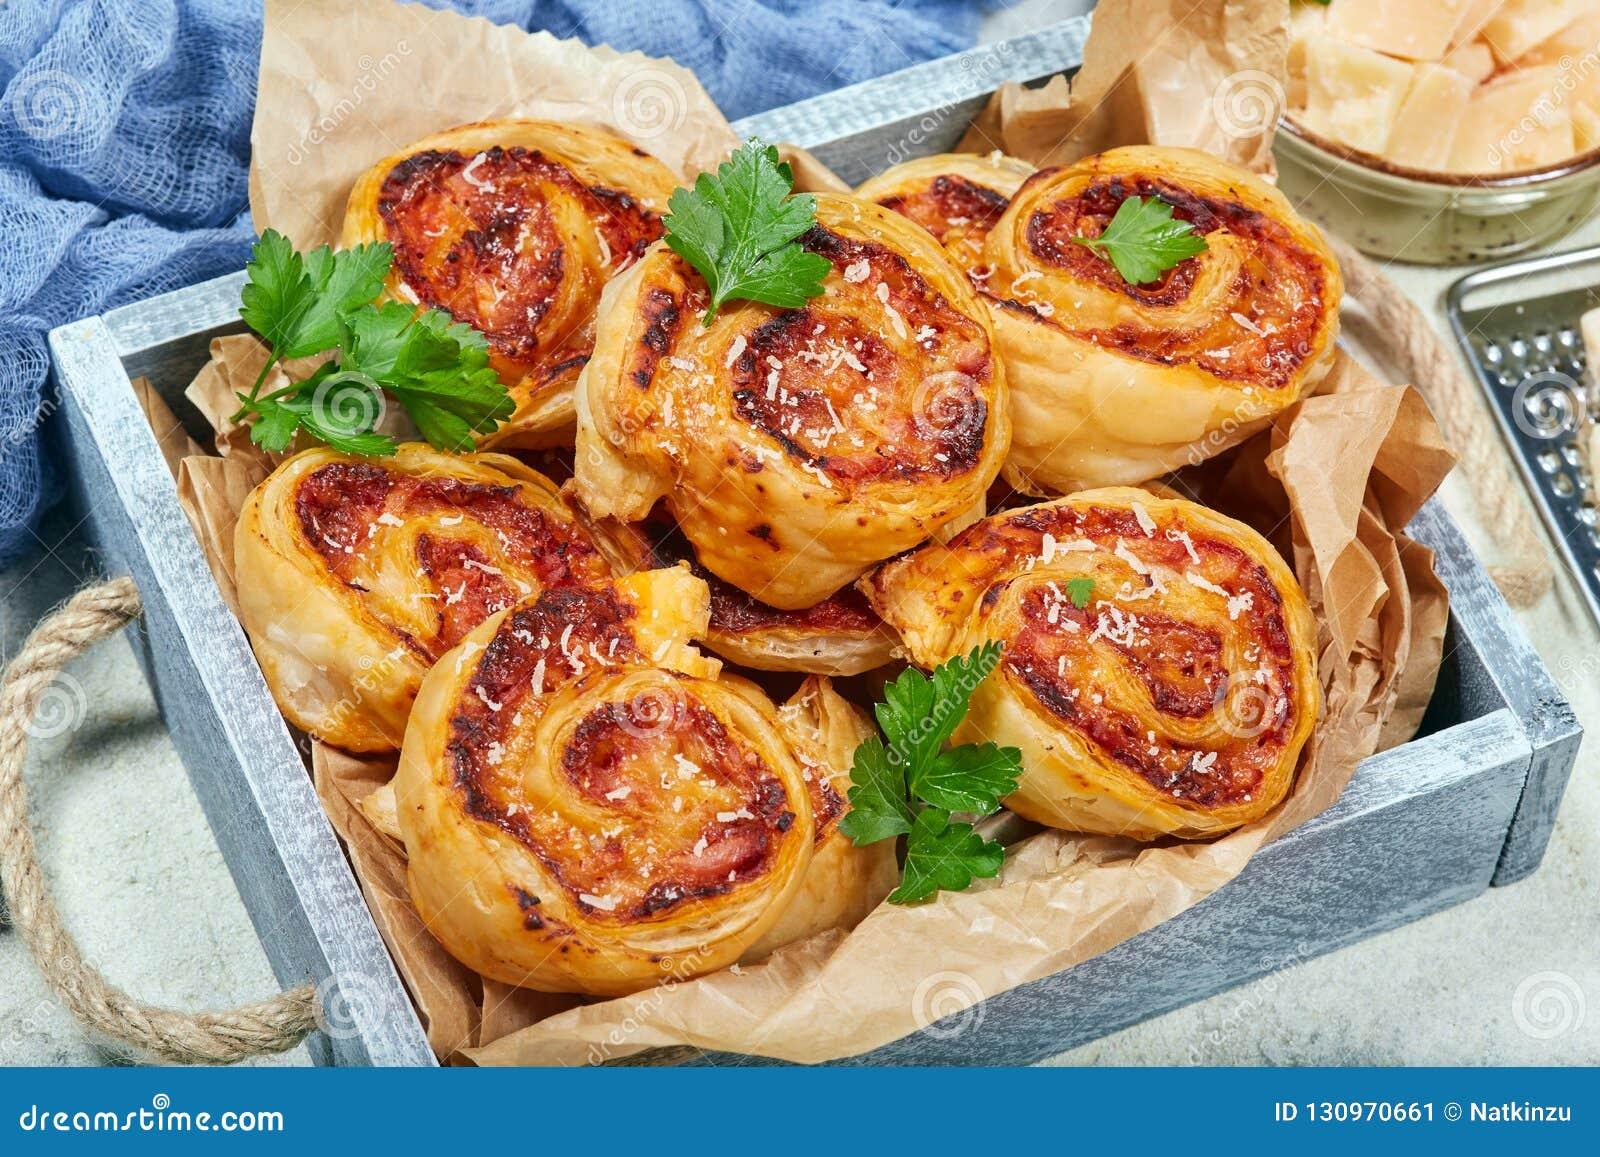 Blätterteig Pizzarollen Mit Schinken Und Käse Stockbild Bild Von